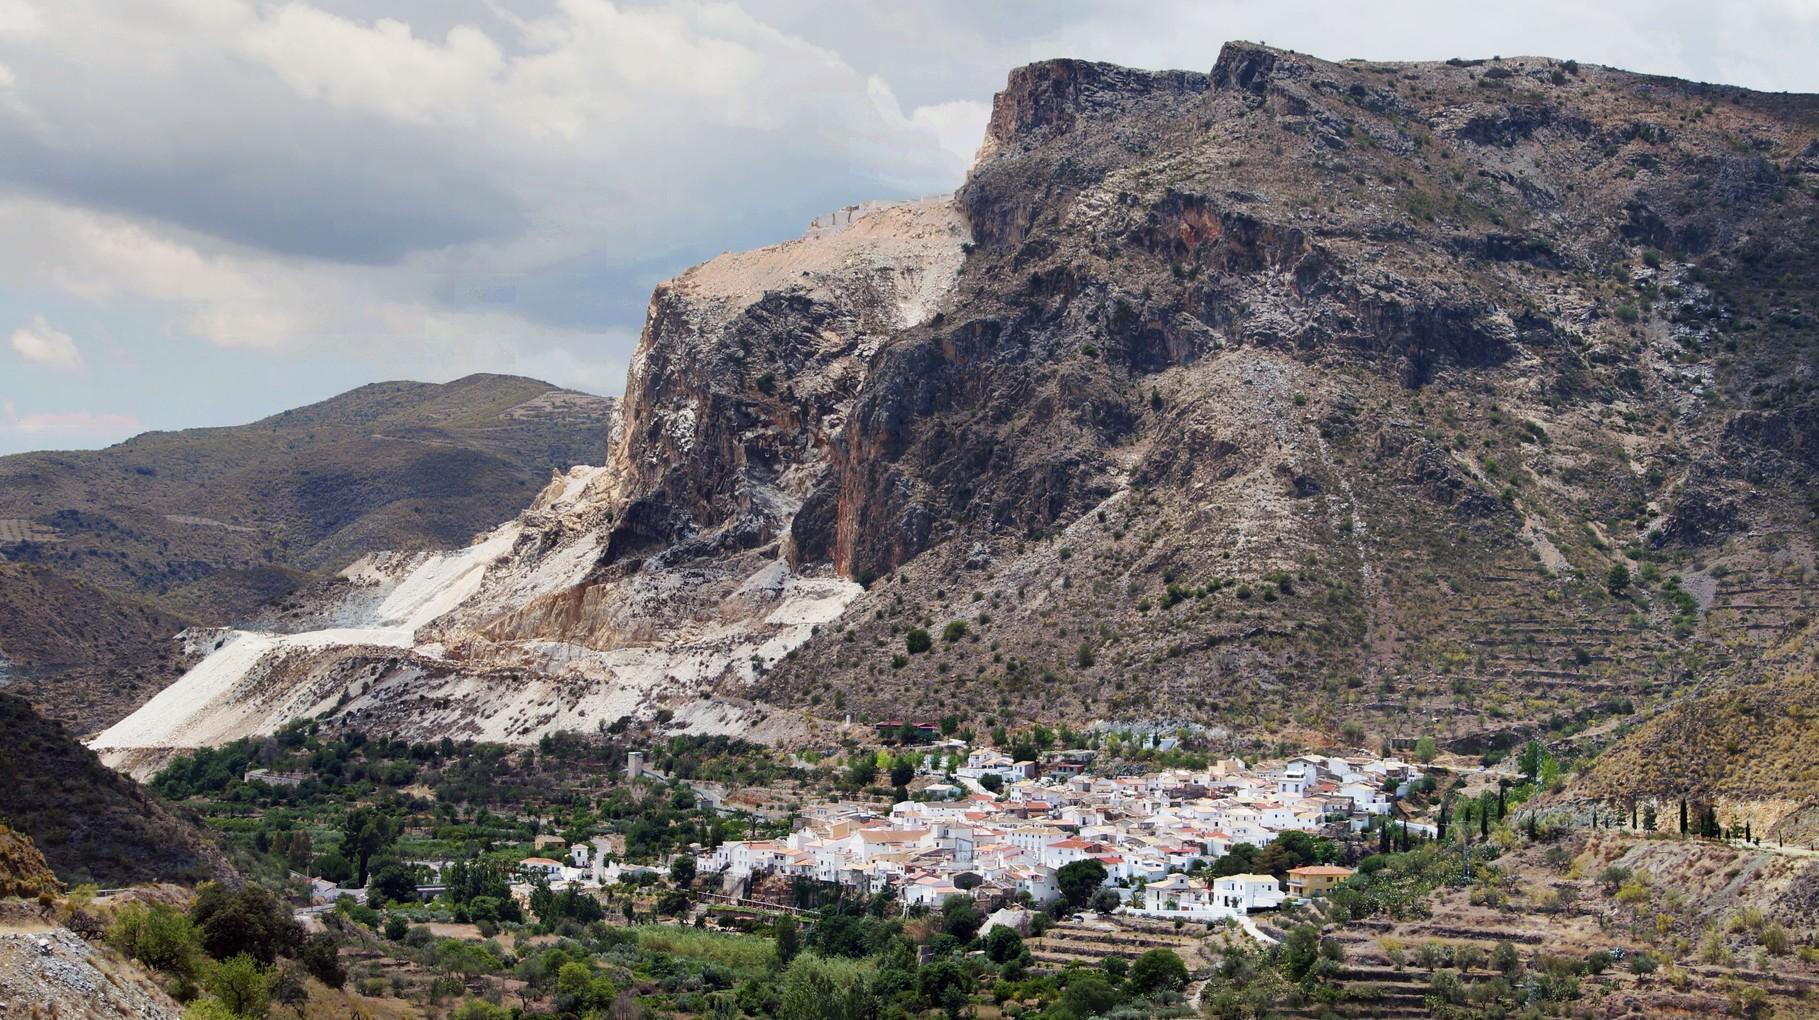 <B>Spanien, wie es früher einmal war: In der Sierra de los Filabres ist es verträumt, ländlich, ruhig...</B>